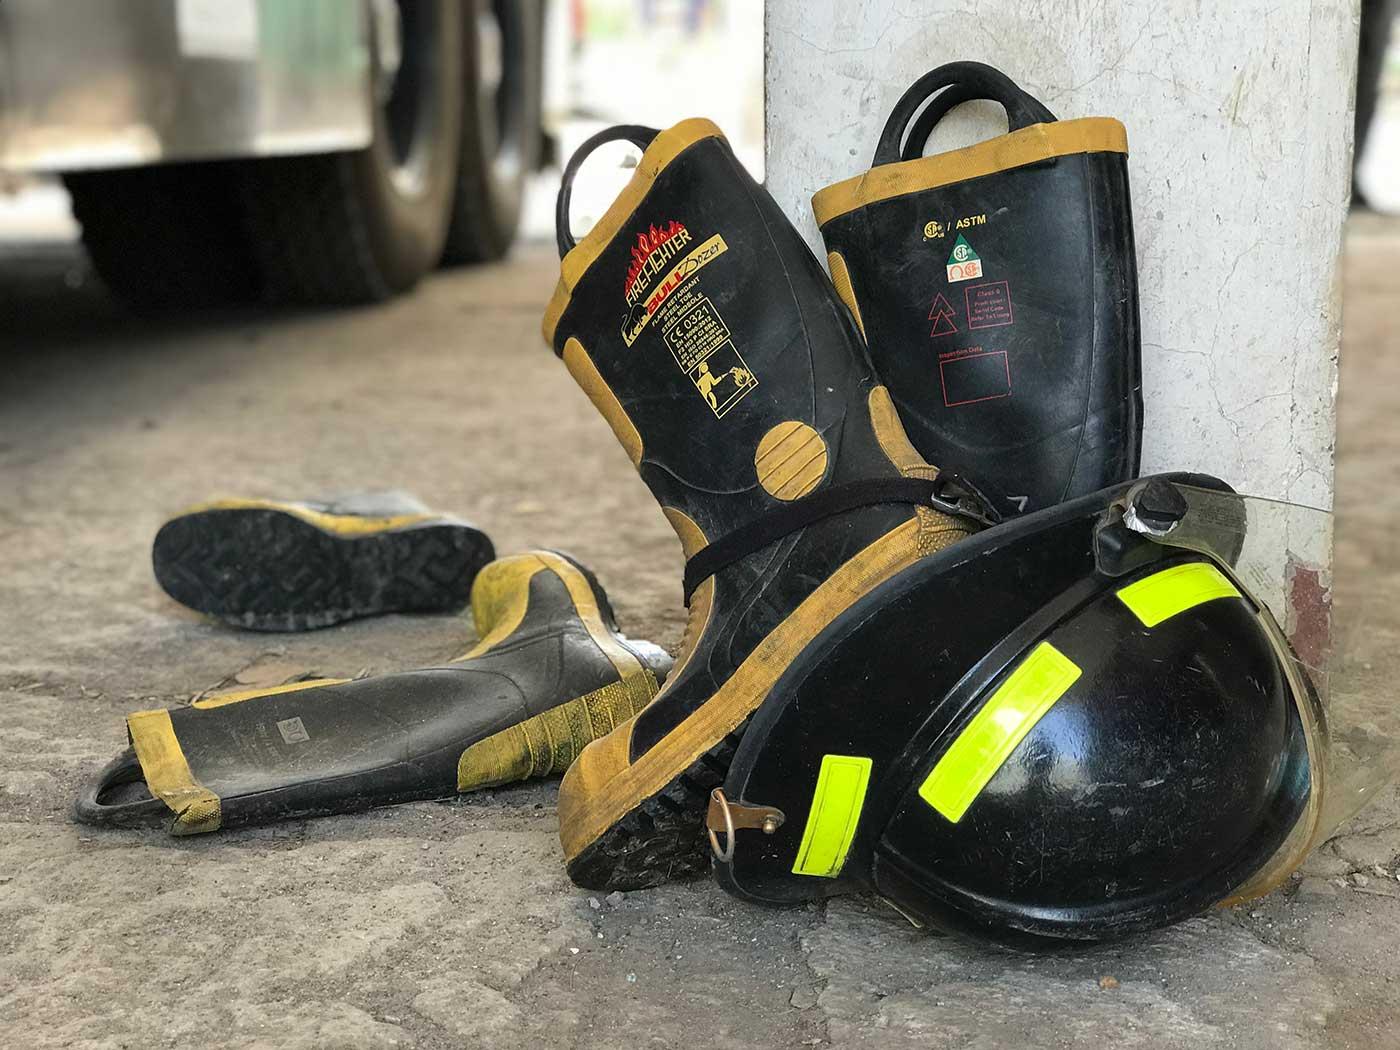 Feuerwehr Ausrüstung Addis Abeba